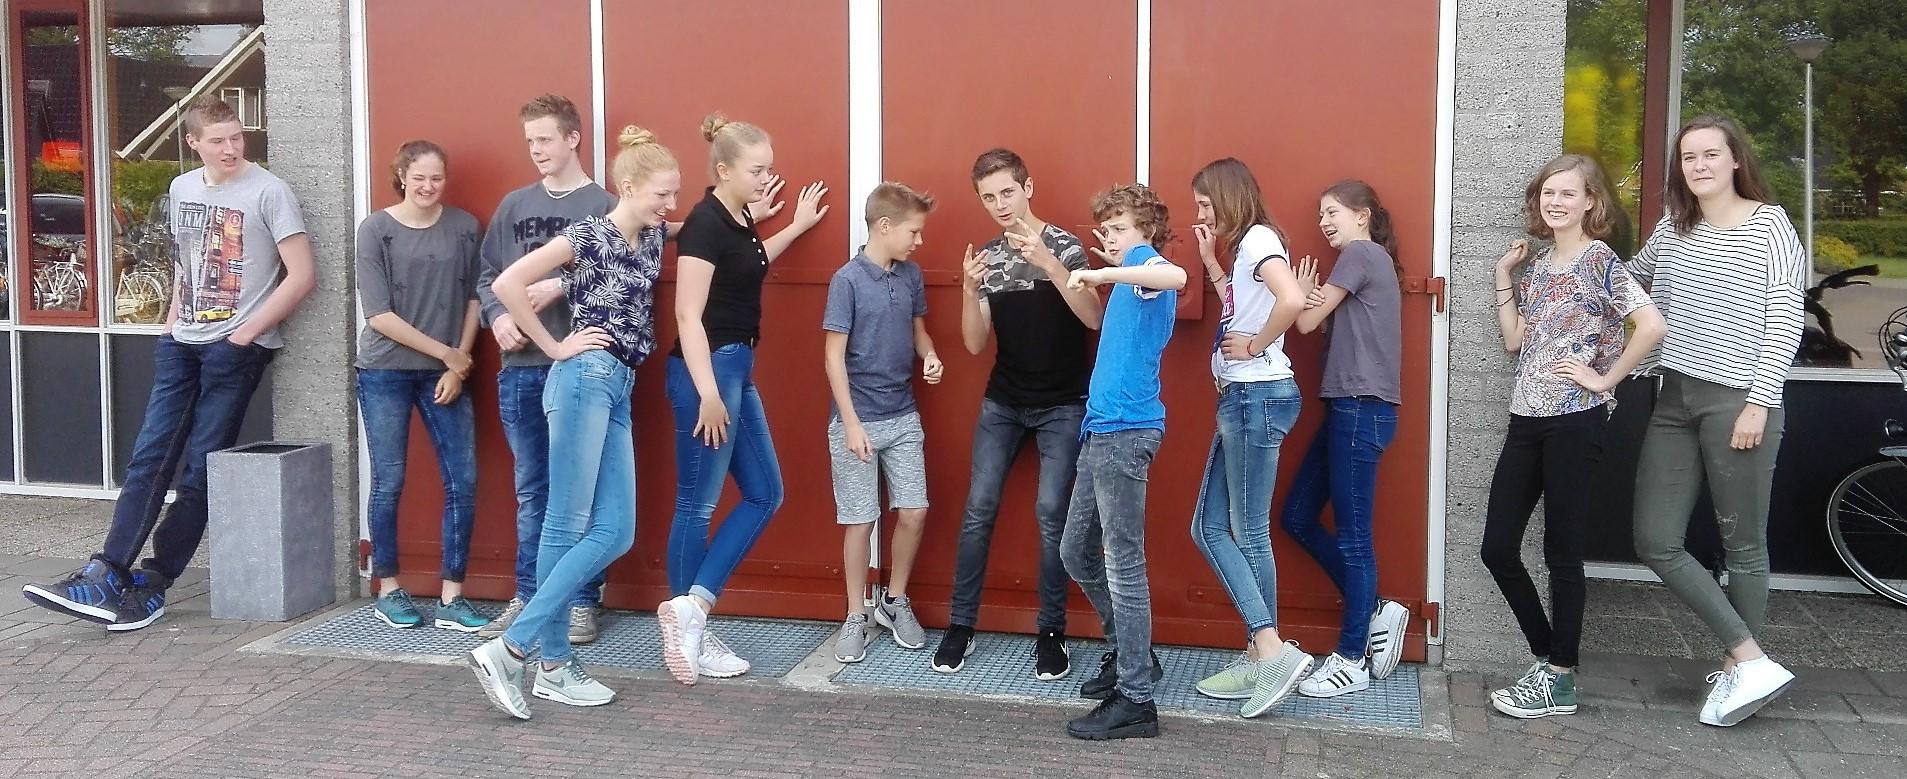 verbindingWGO waarderende gemeenteopbouw jeugd